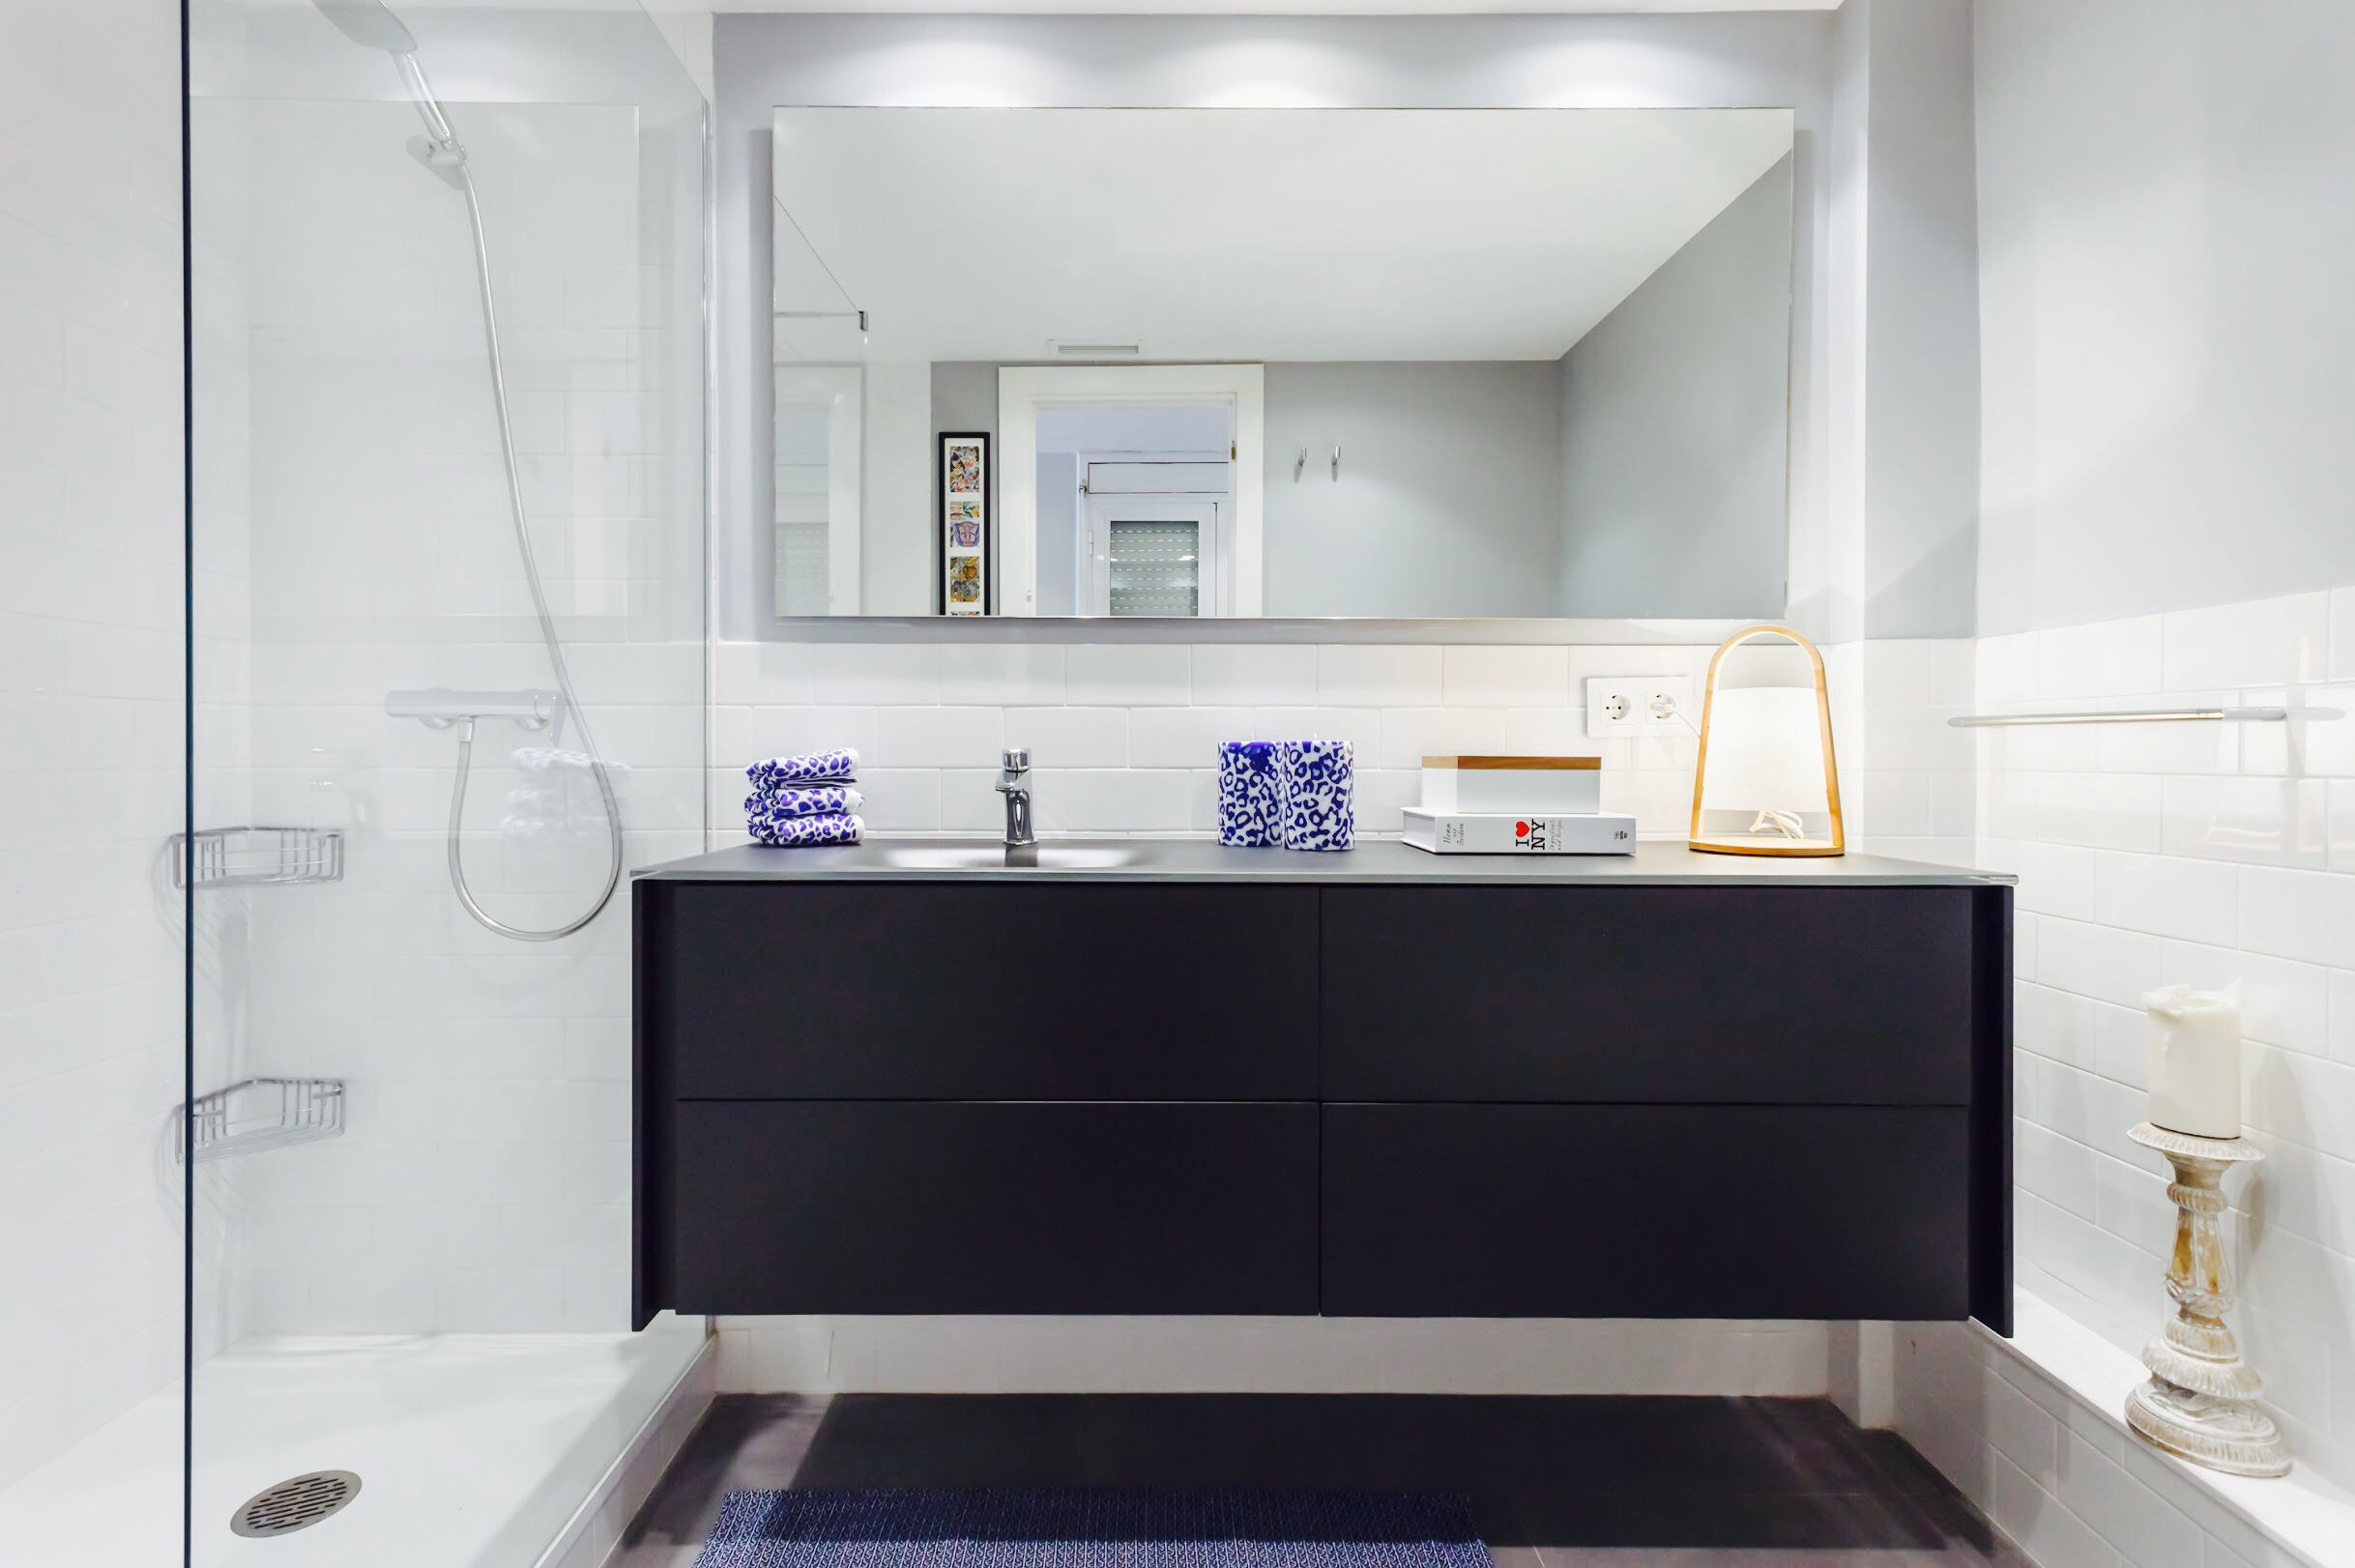 dISEÑO Y MUEBLES DE BAÑO - Sabemos que el cuarto de baño es uno de los espacios más íntimos de tu hogar y requiere de una sensibilidad especial. Nosotros somos especialistas en el diseño de baños a medida y proyectaremos, de acuerdo a tus necesidades, un espacio idóneo para tu bienestar y cuidado personal, para que ello sea posible tendremos en cuenta hasta el más mínimo detalle, ofreciéndote en cada momento una solución adecuada, estética y funcional para conseguir tu máxima satisfacción. Tenemos para ti, el diseño ideal: Baños modernos, clásicos o de lujo, para que sea cual sea tu estilo, podamos encontrar uno que se ajuste a tus necesidades. Contamos con las últimas tendencias del mercado en todo tipo de componentes para baño: Mobiliario, lavabos, inodoros, bidés, bañeras y platos de ducha, mamparas, accesorios de baño, griferías, radiadores, espejos clásicos y retro iluminados, pavimentos y revestimientos.